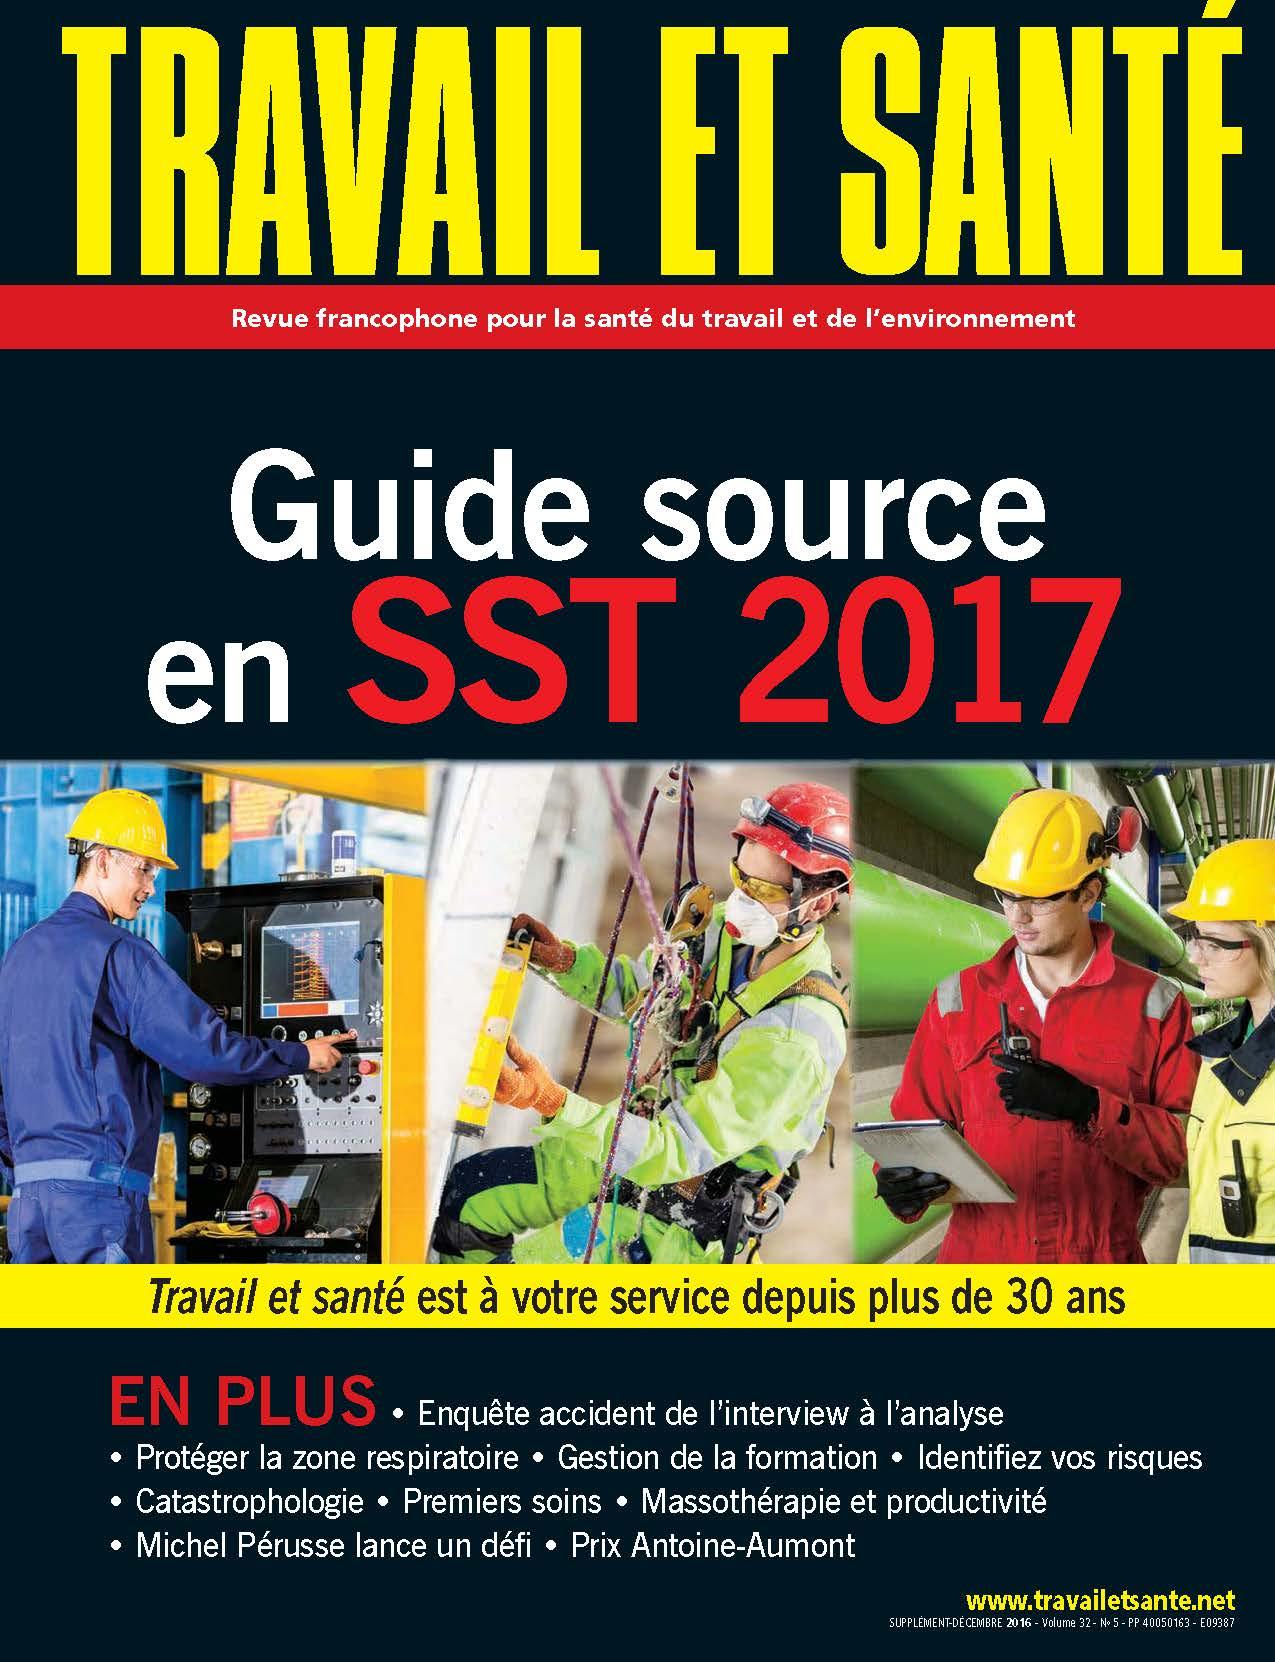 Travail et santé - Volume 32 - Numéro 5 - Décembre 2016 - Guide source 2017